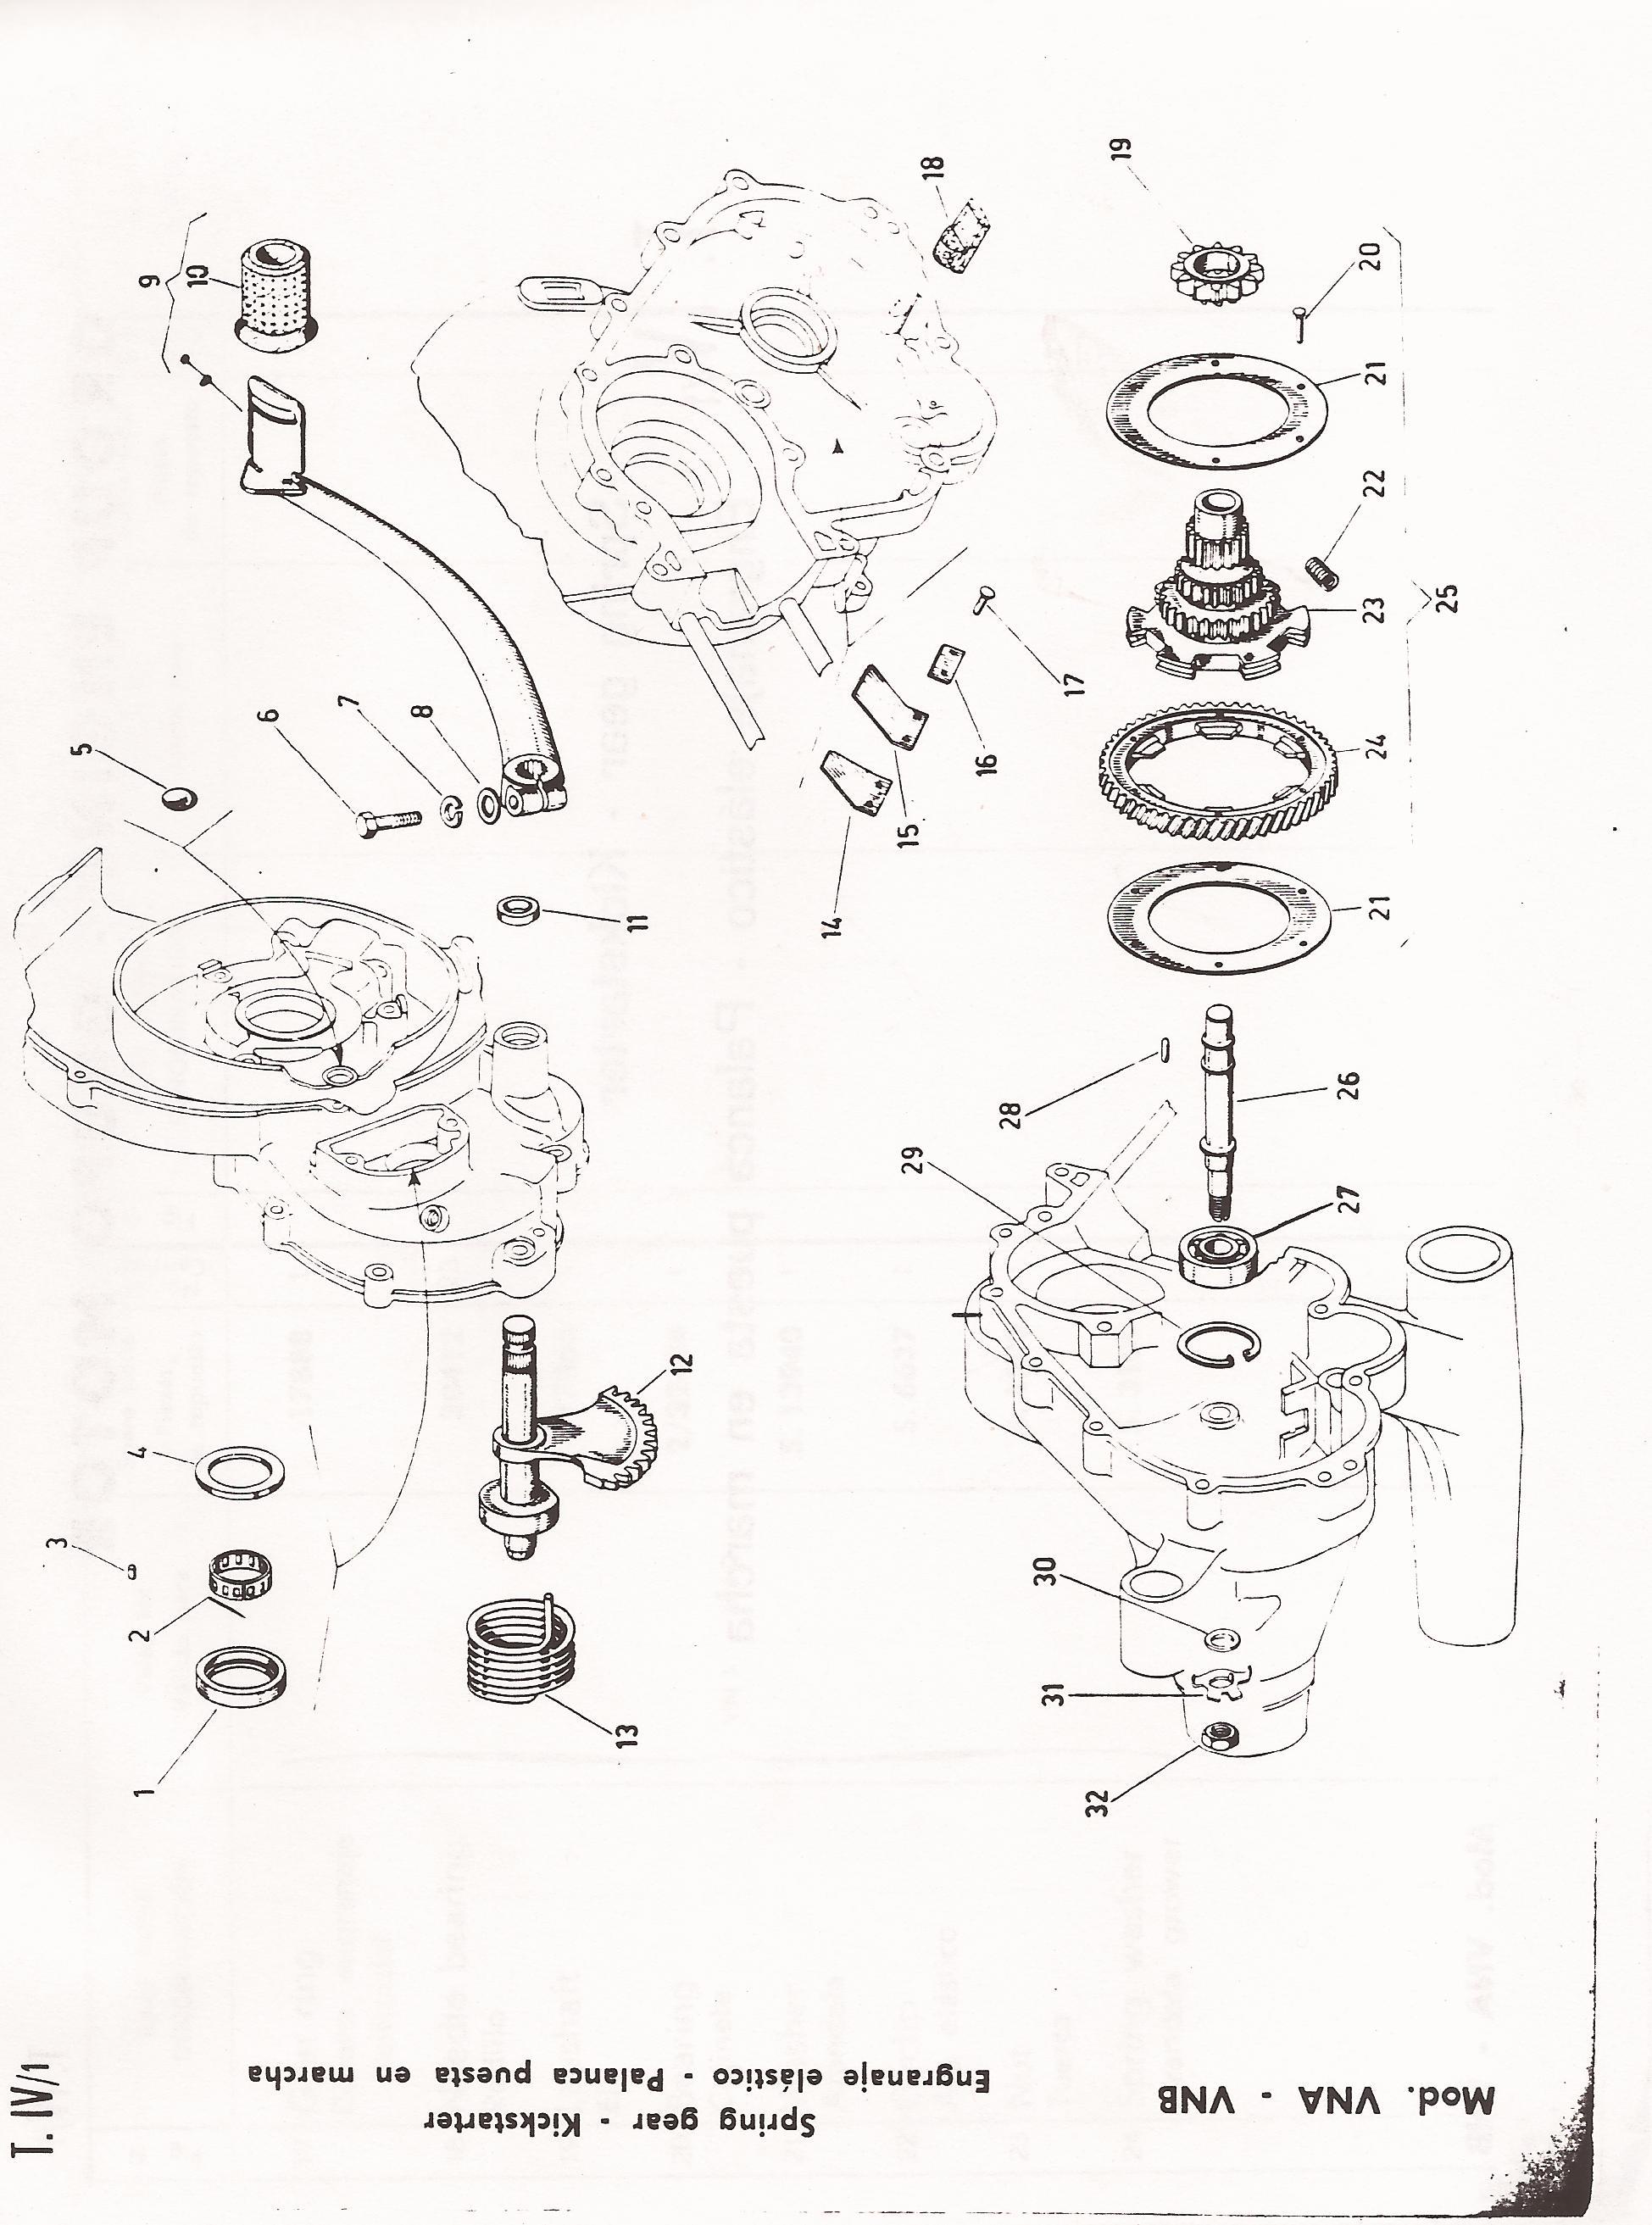 07-16-2013 vespa 125 catalog manuel 42.jpg